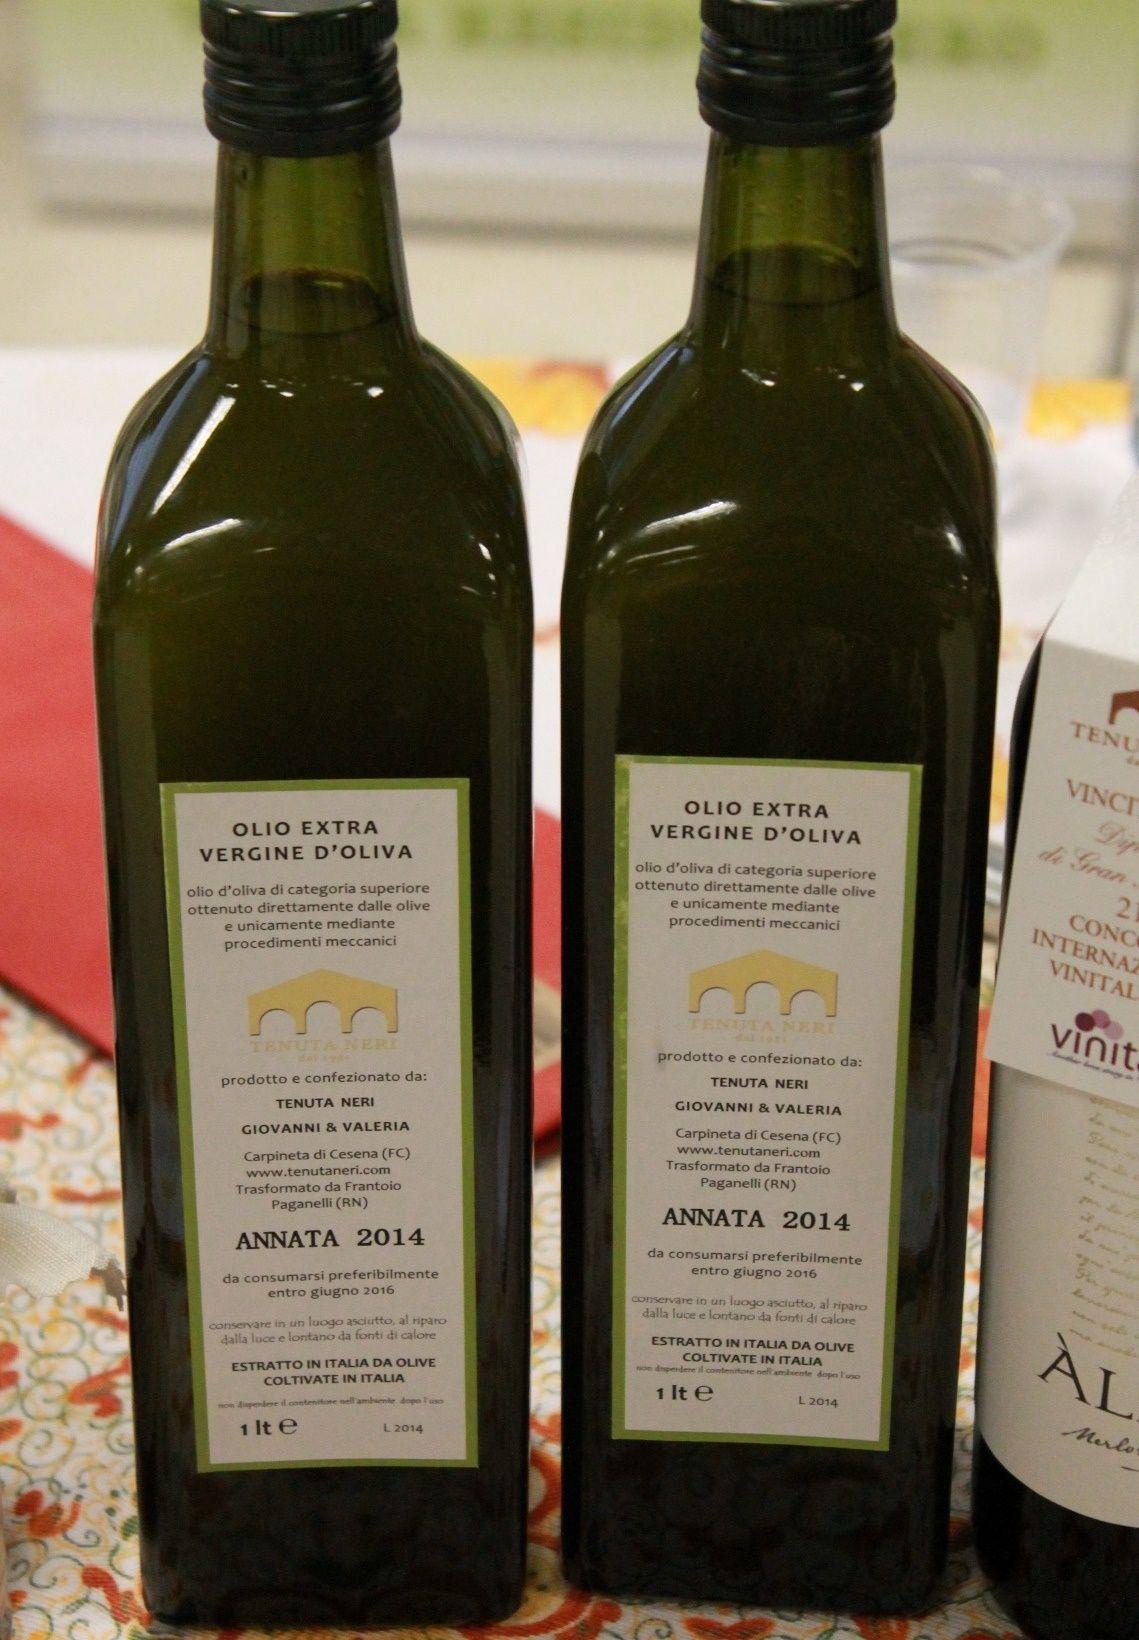 Il nostro #Olio extravergine d'oliva - Antica Fiera della Canapa #Gambettola 22 Novembre 2014 #tenutaneri